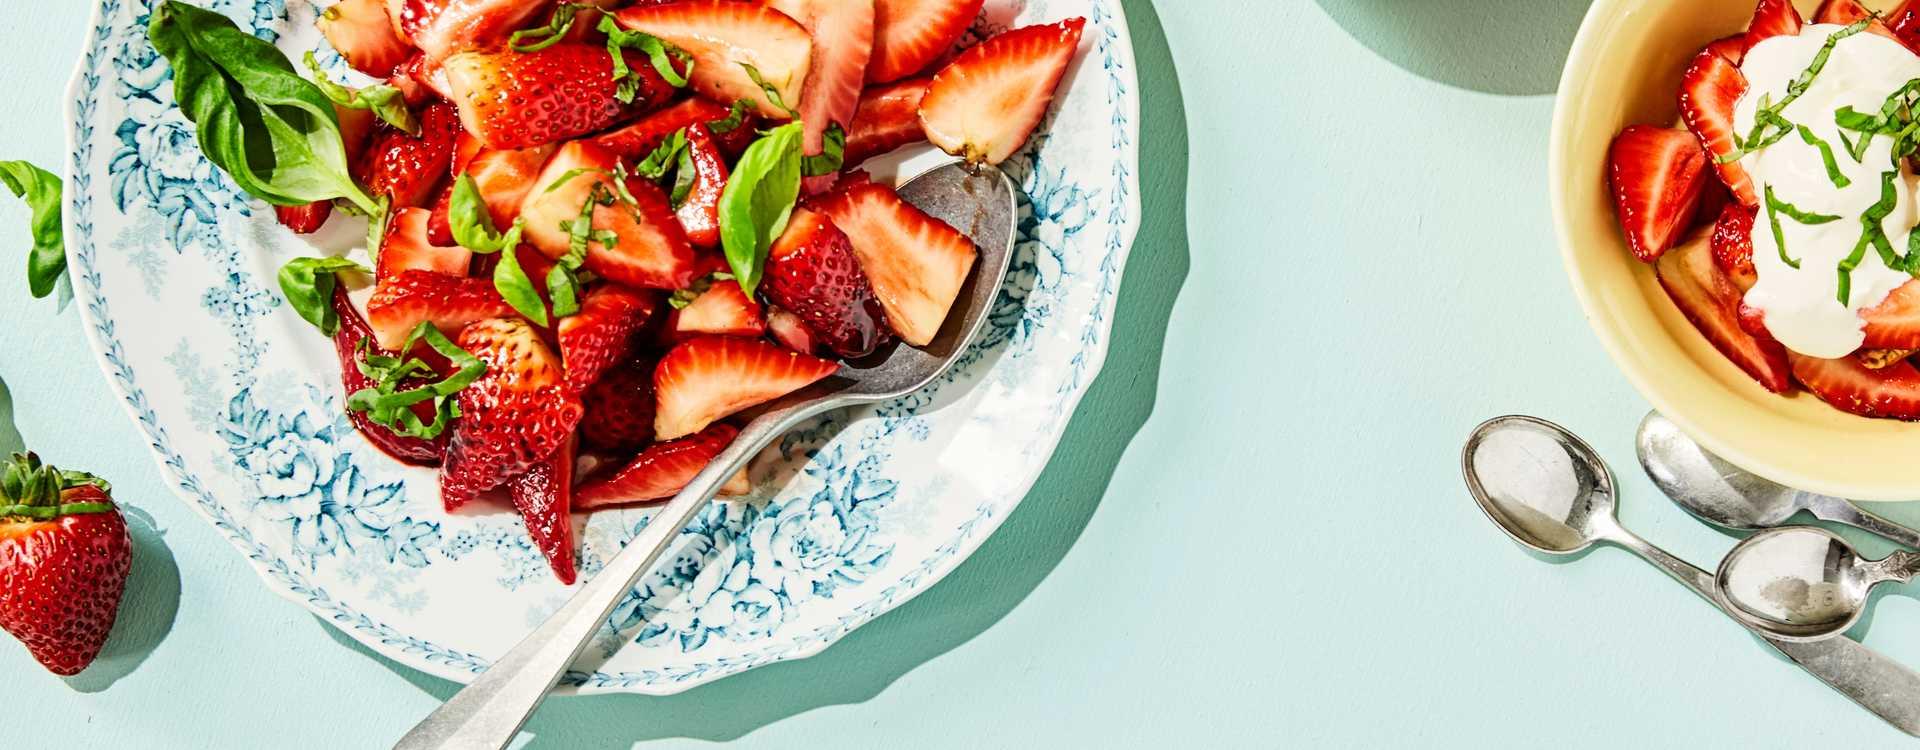 Friske jordbær med crème fraîche og balsamicoeddik